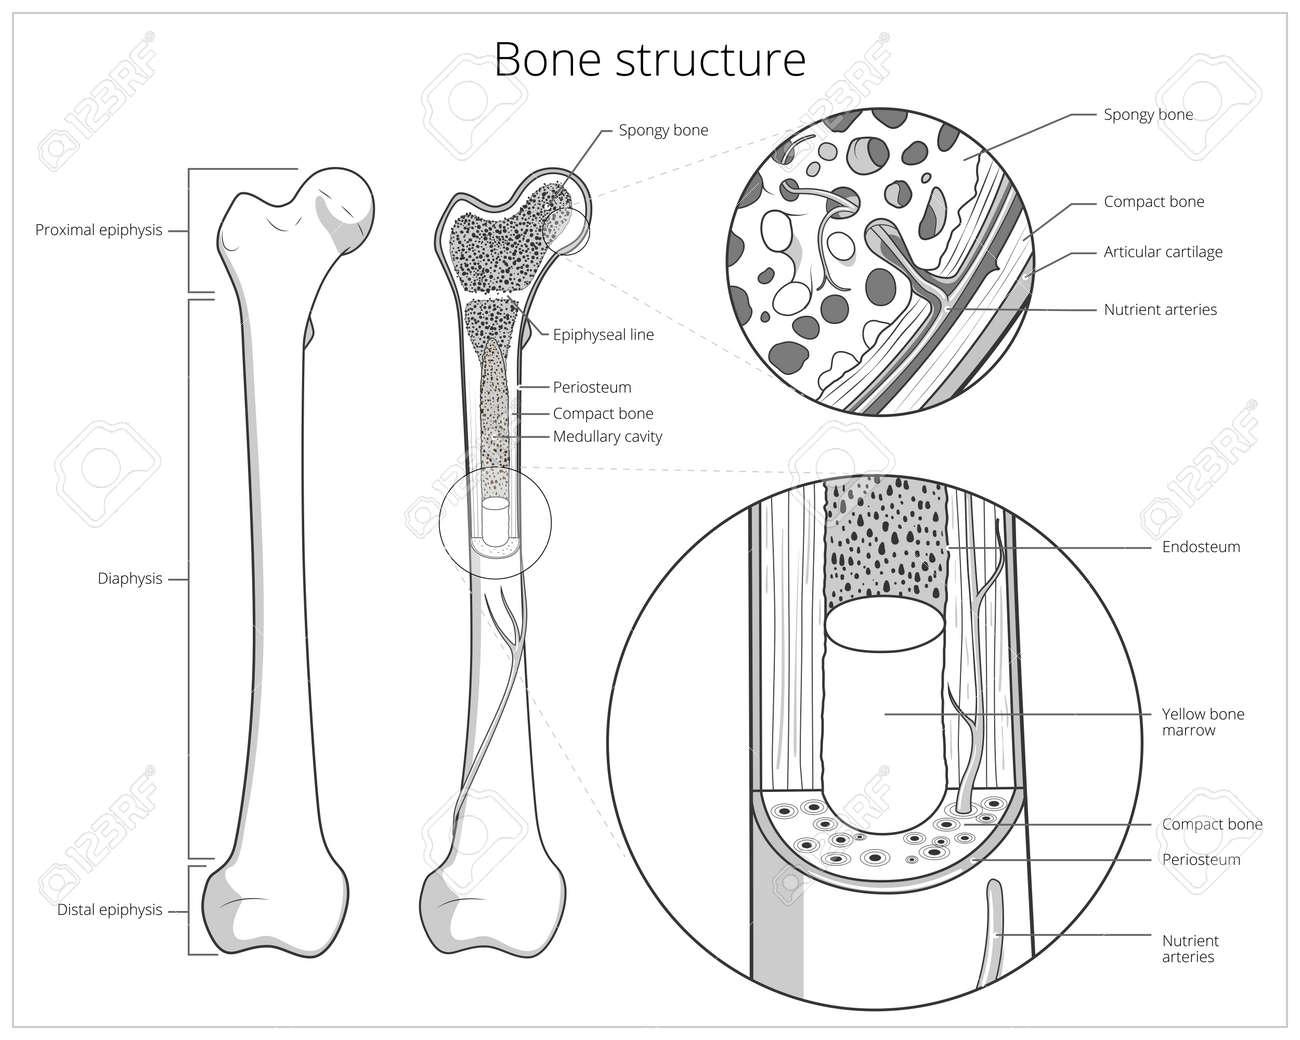 La Estructura ósea Médica Ilustración Educativa Ciencia Vectorial ...